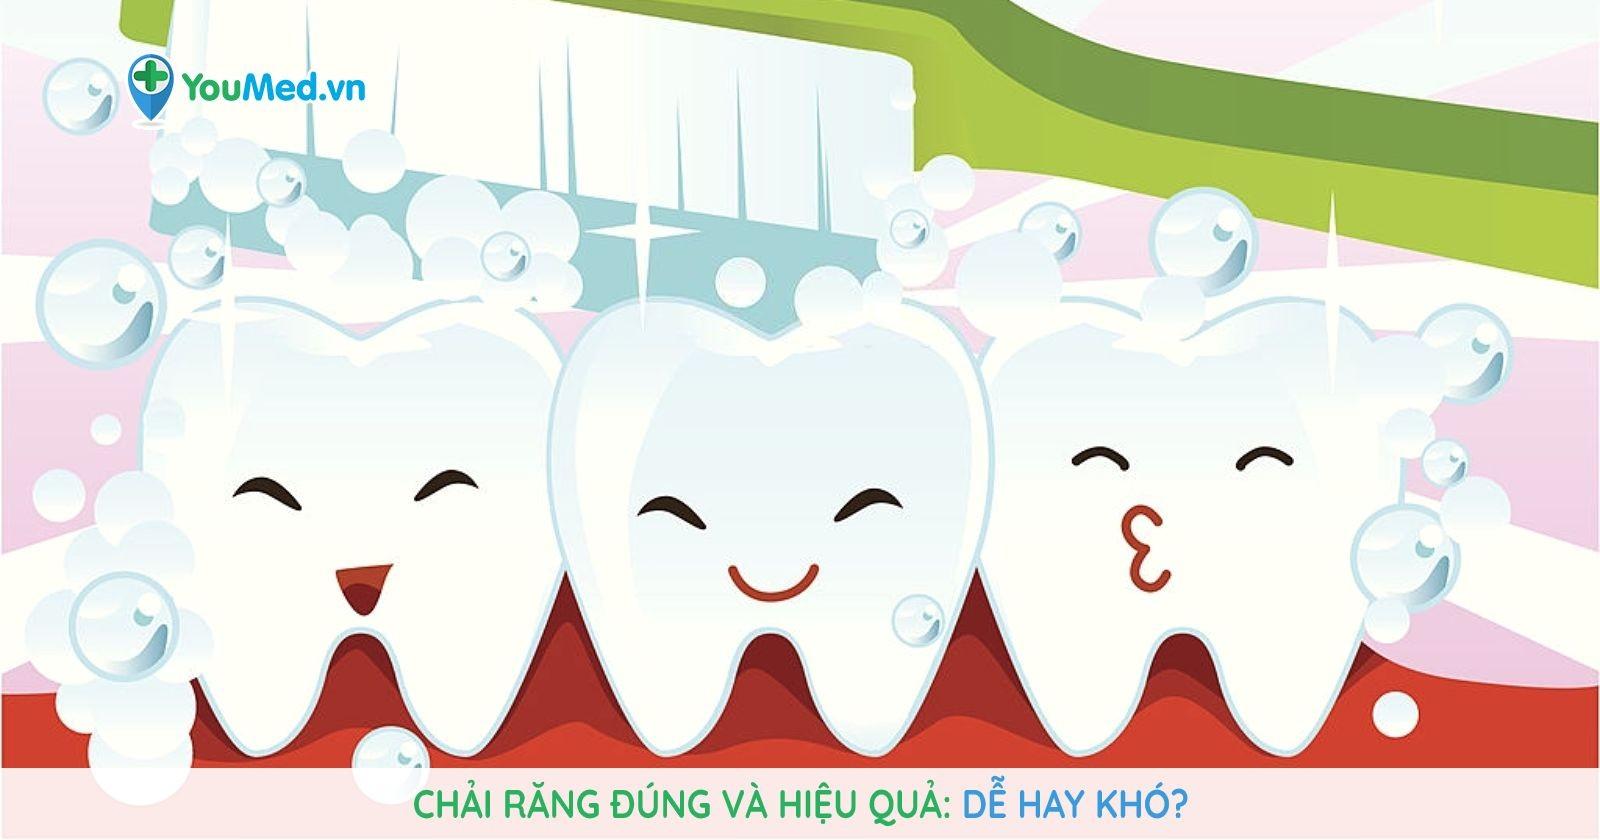 Chải răng đúng và hiệu quả: Dễ hay khó?